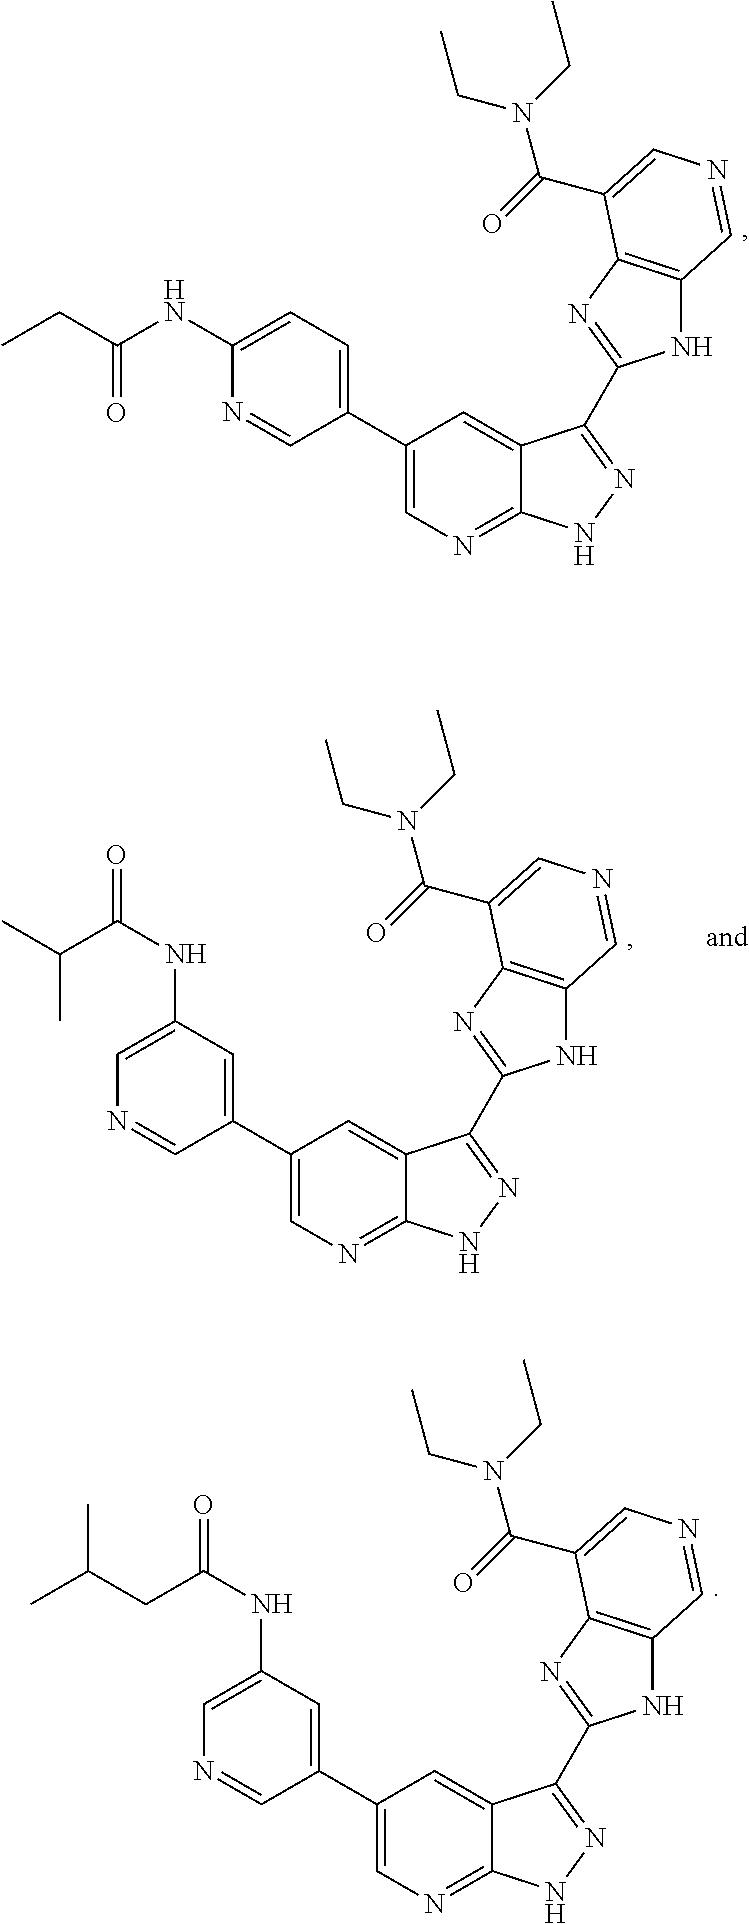 Figure US08618128-20131231-C00044